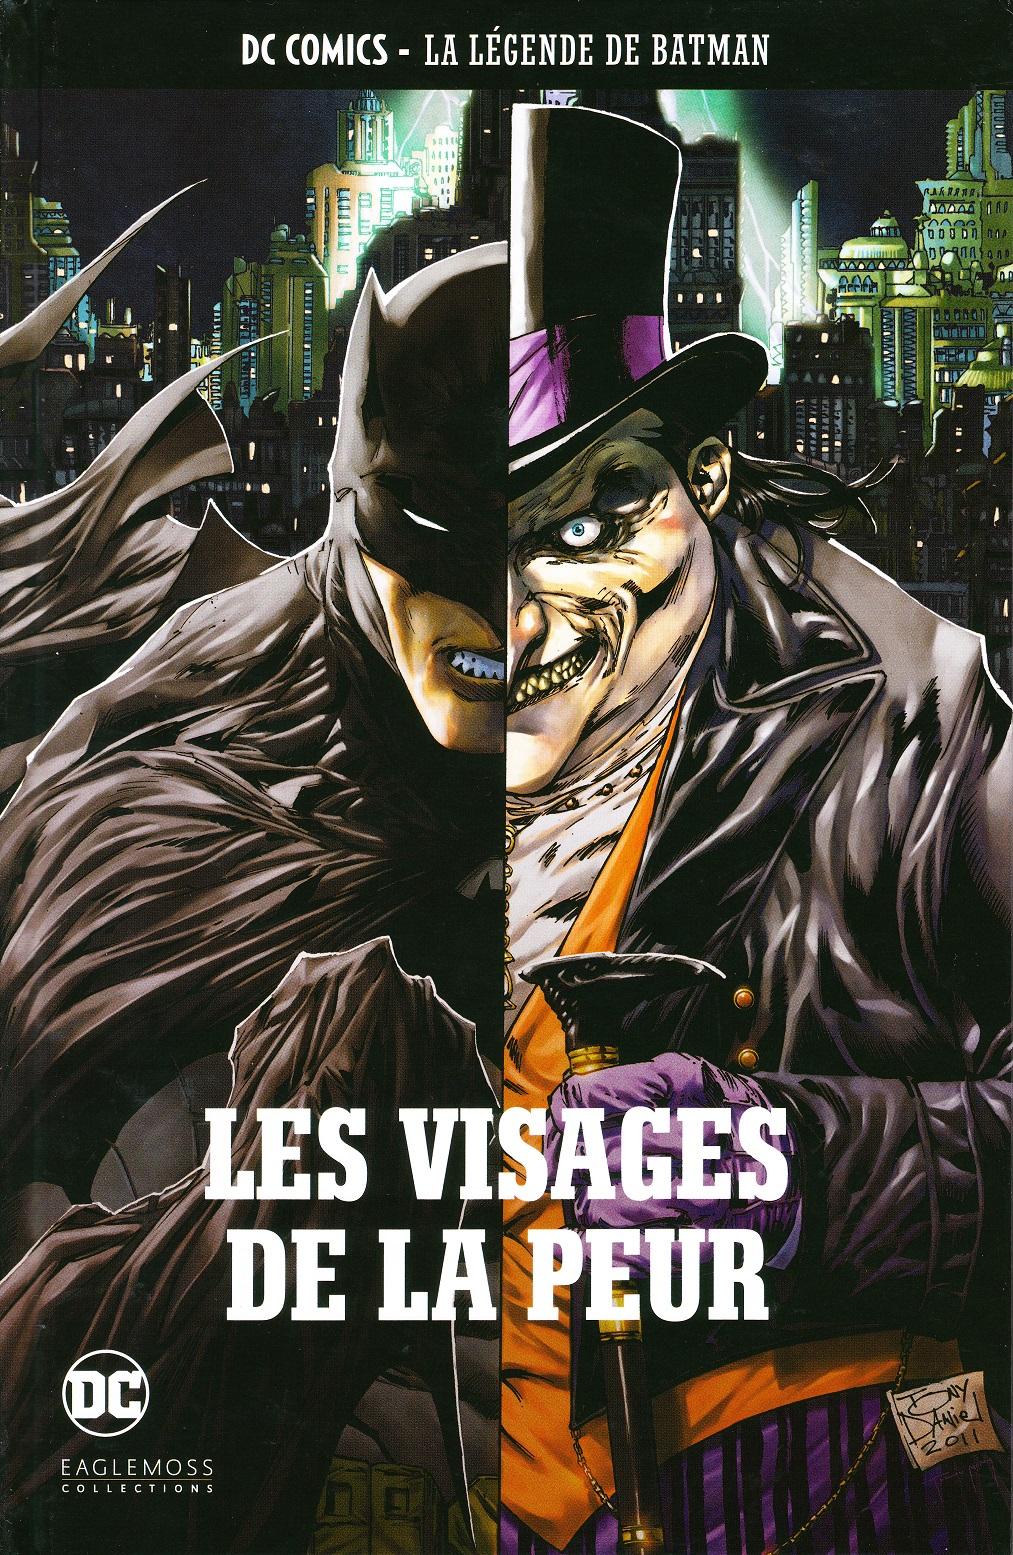 DC Comics - La Légende de Batman 58 - Les Visages de la peur